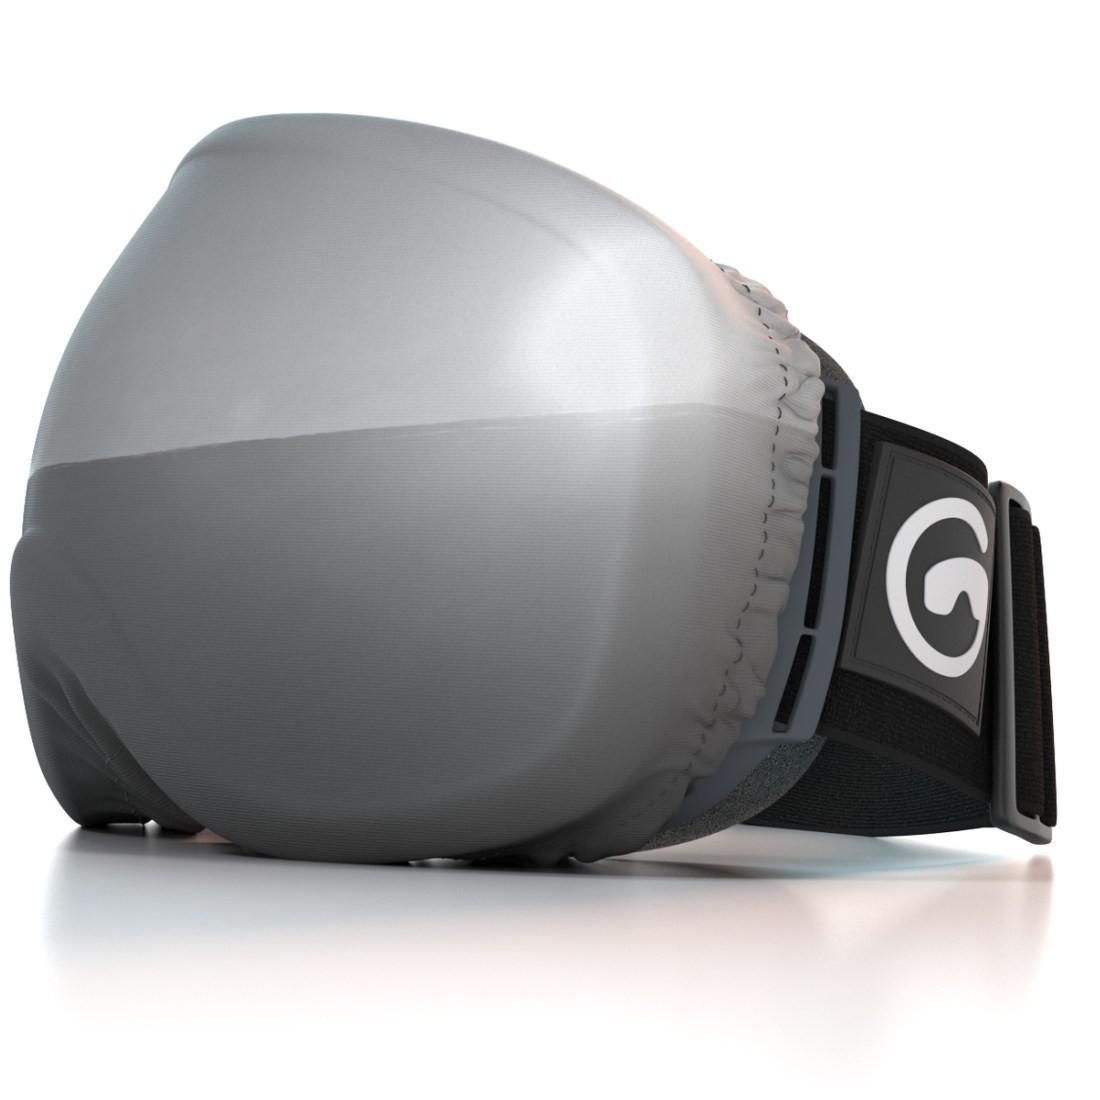 ゴーグルソック gogglesoc MING POONモデル ゴーグルカバー  国内正規品